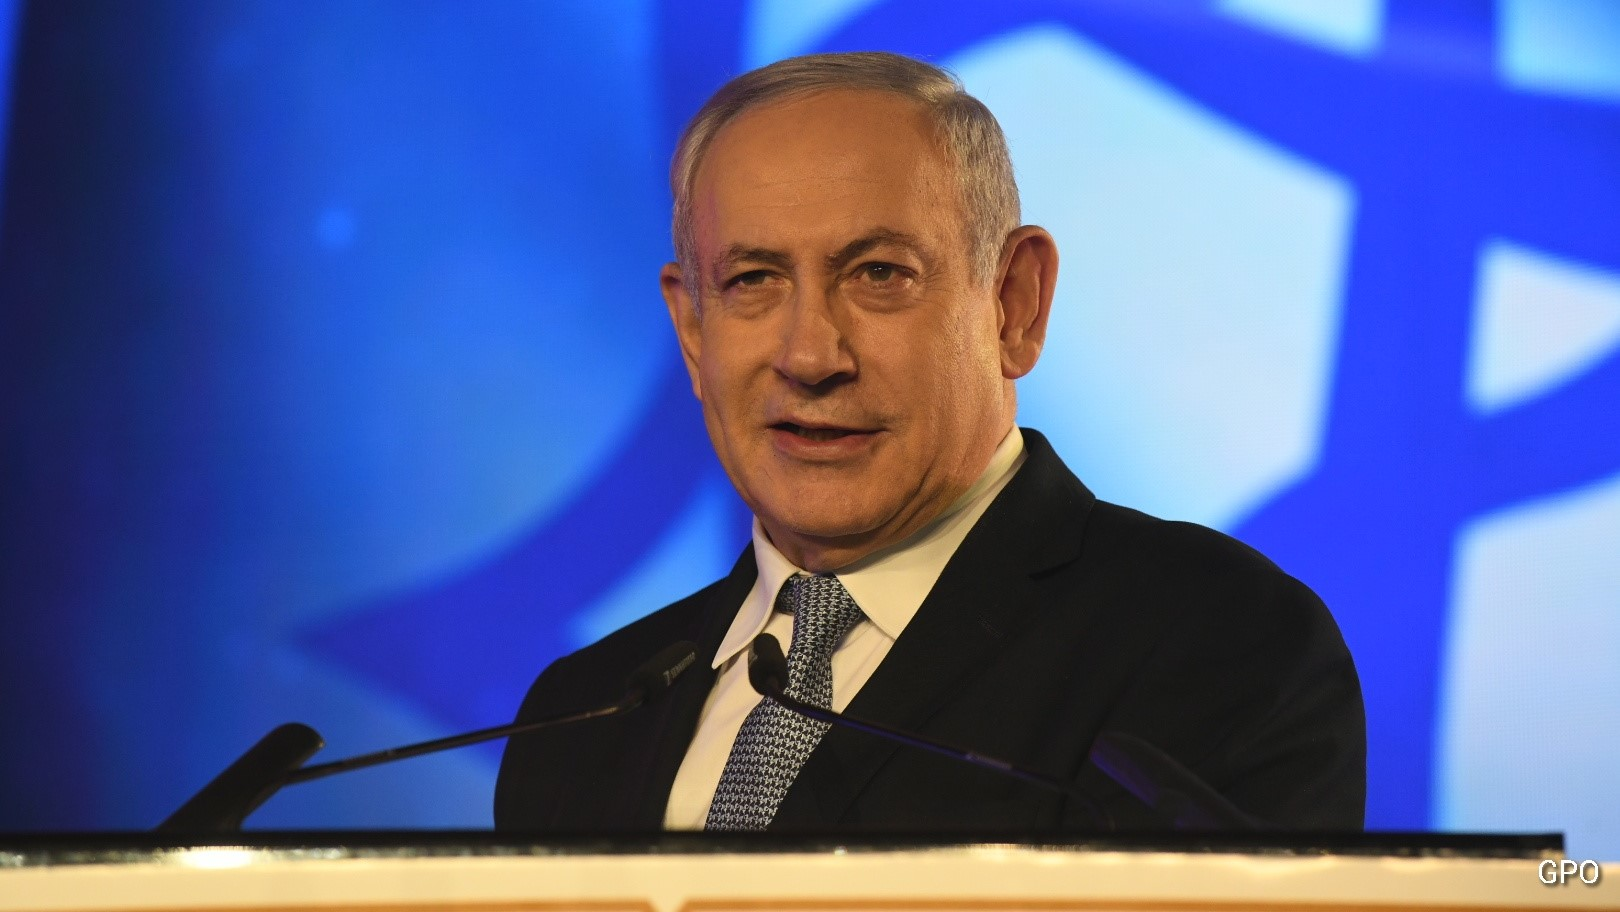 Hans Henrik Fafner: Netanyahu er (måske) for tidligt ude med at fejre sin valgsejr, for de israelske arabere vil have indflydelse